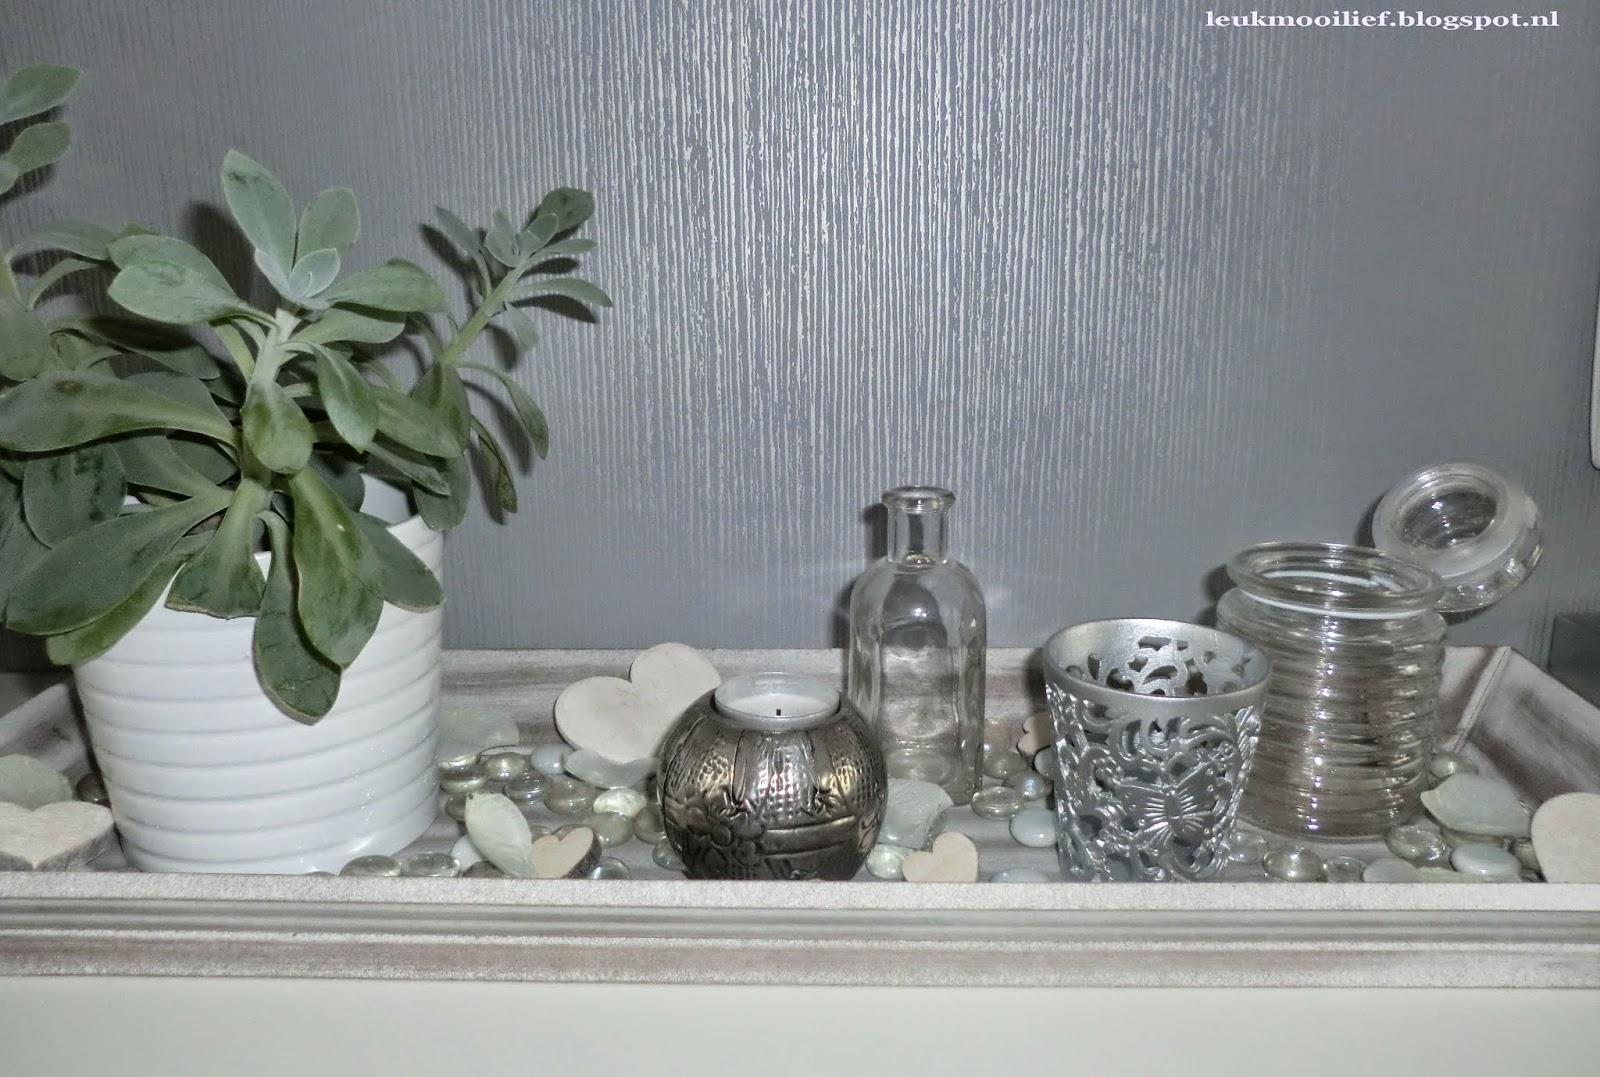 Leuk mooi lief decoratie variatie for Decoratie op dressoir